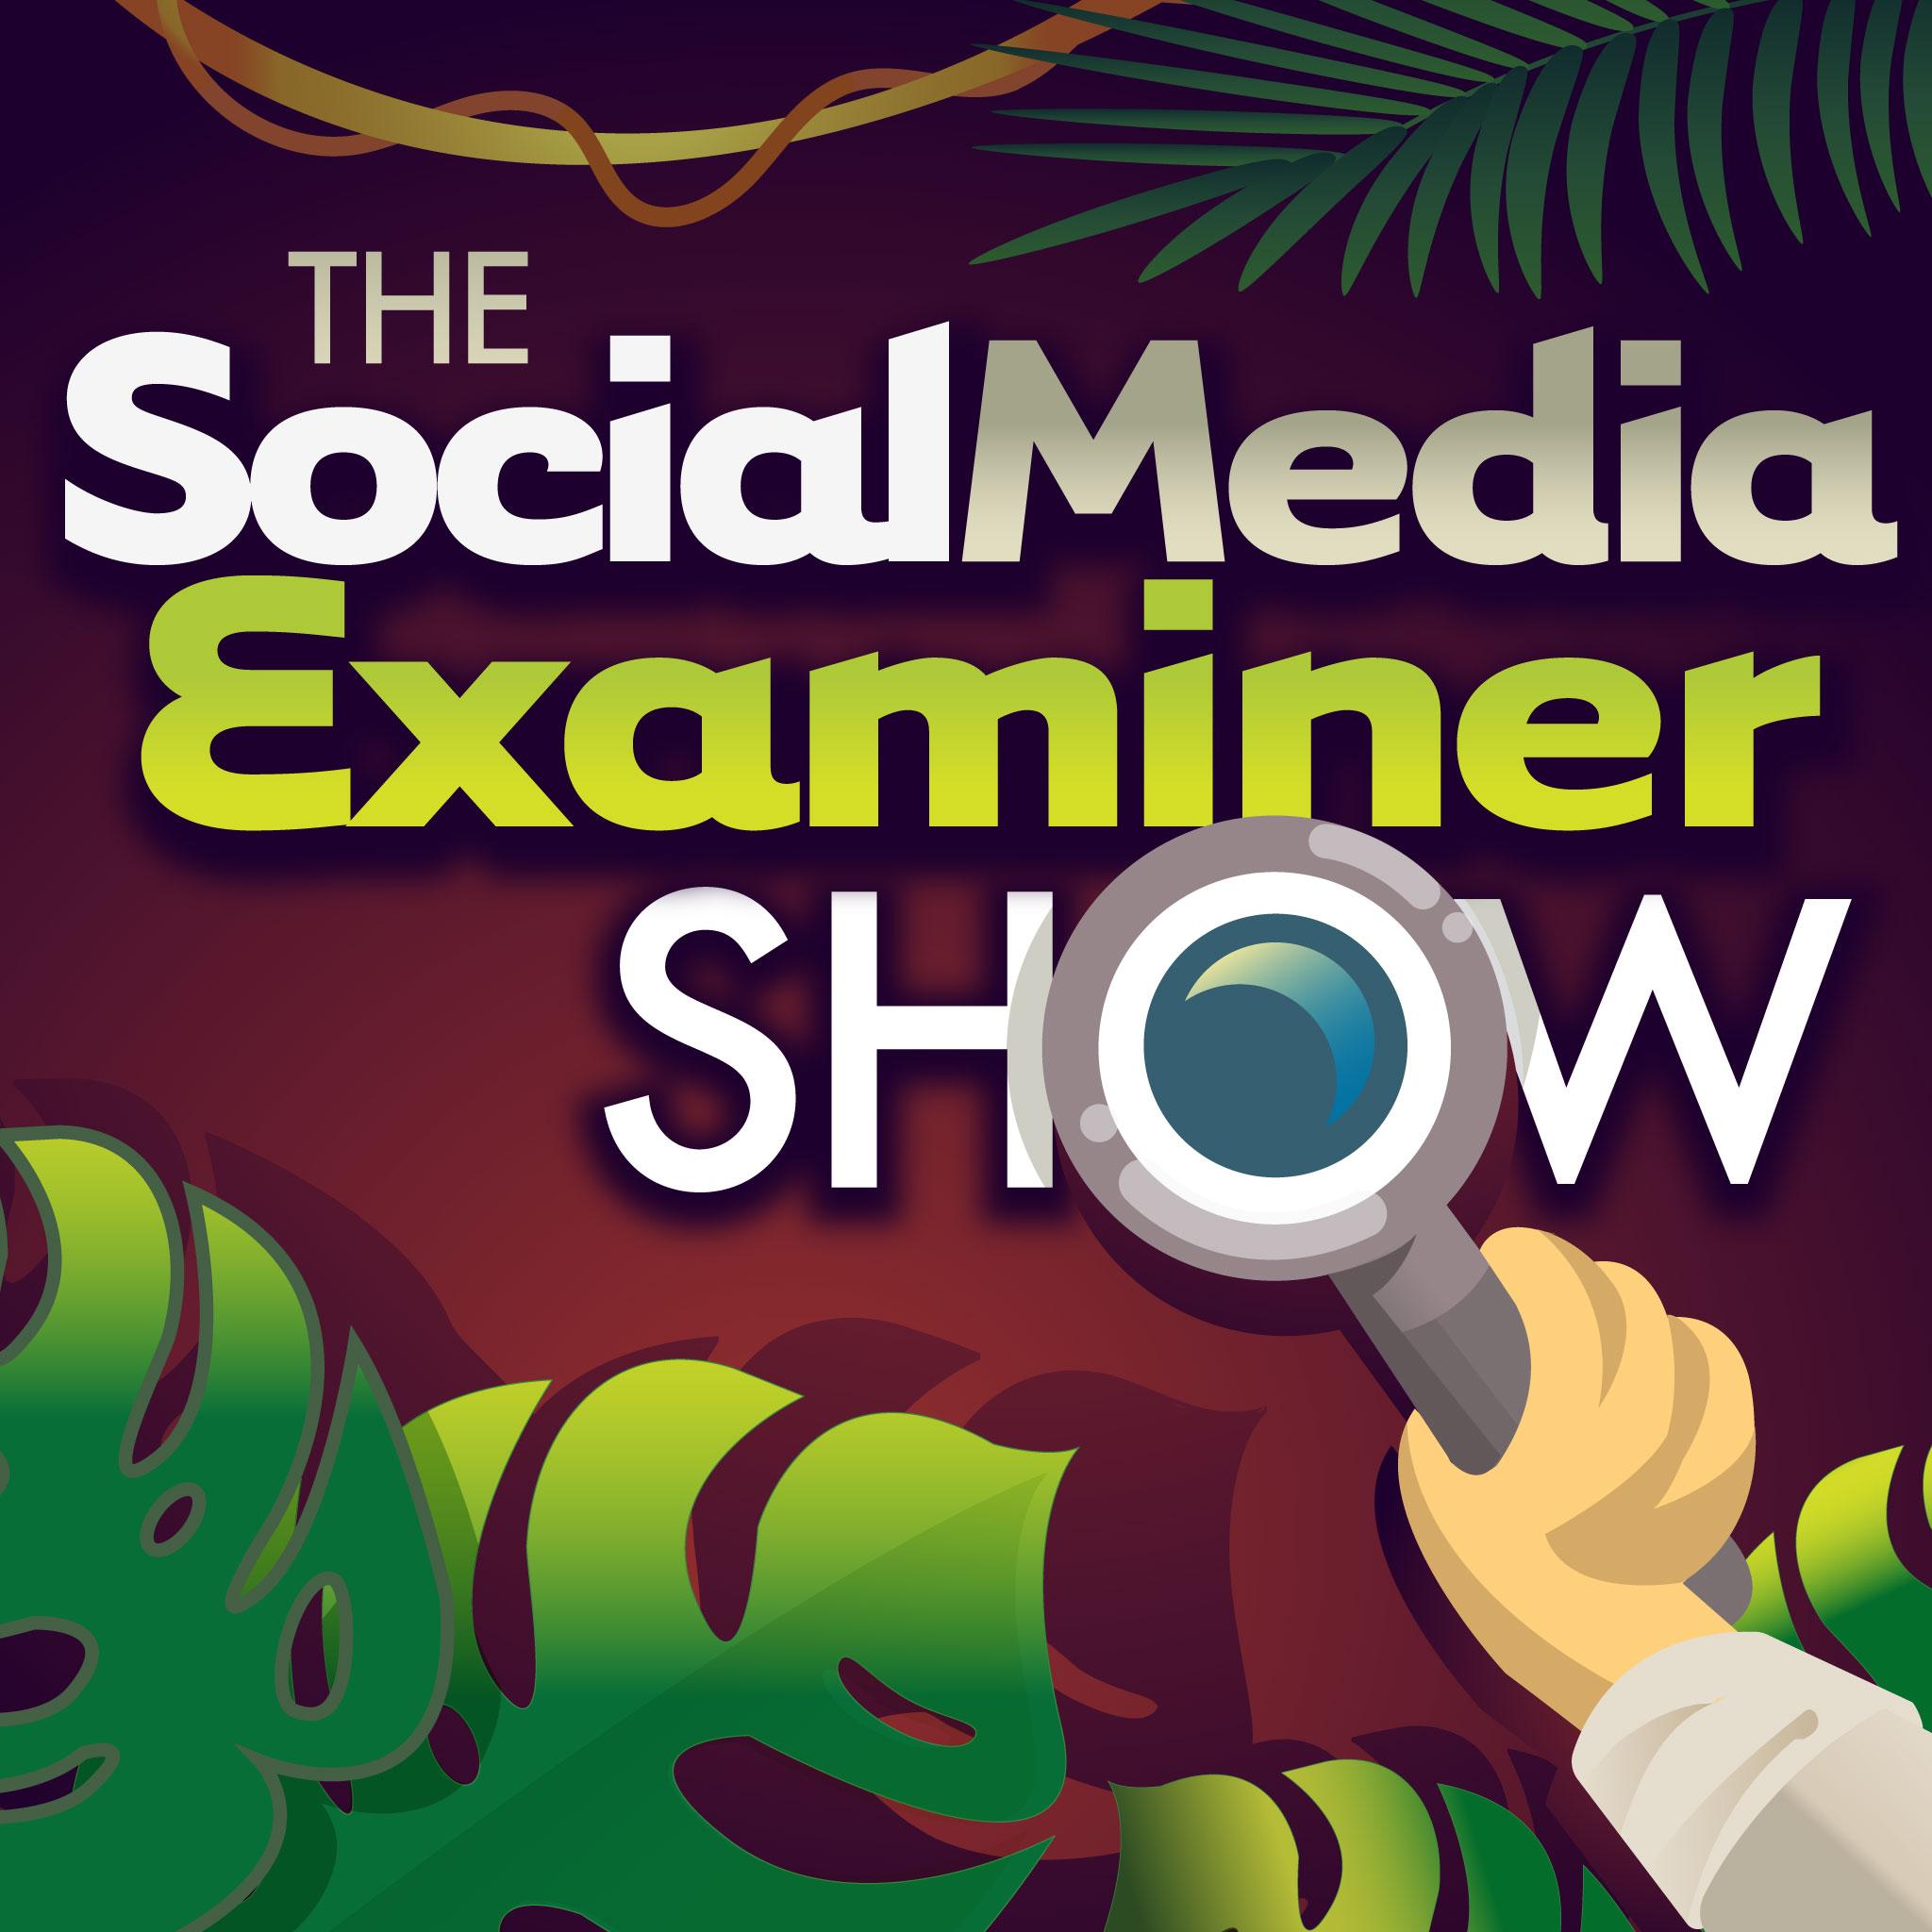 The Social Media Examiner